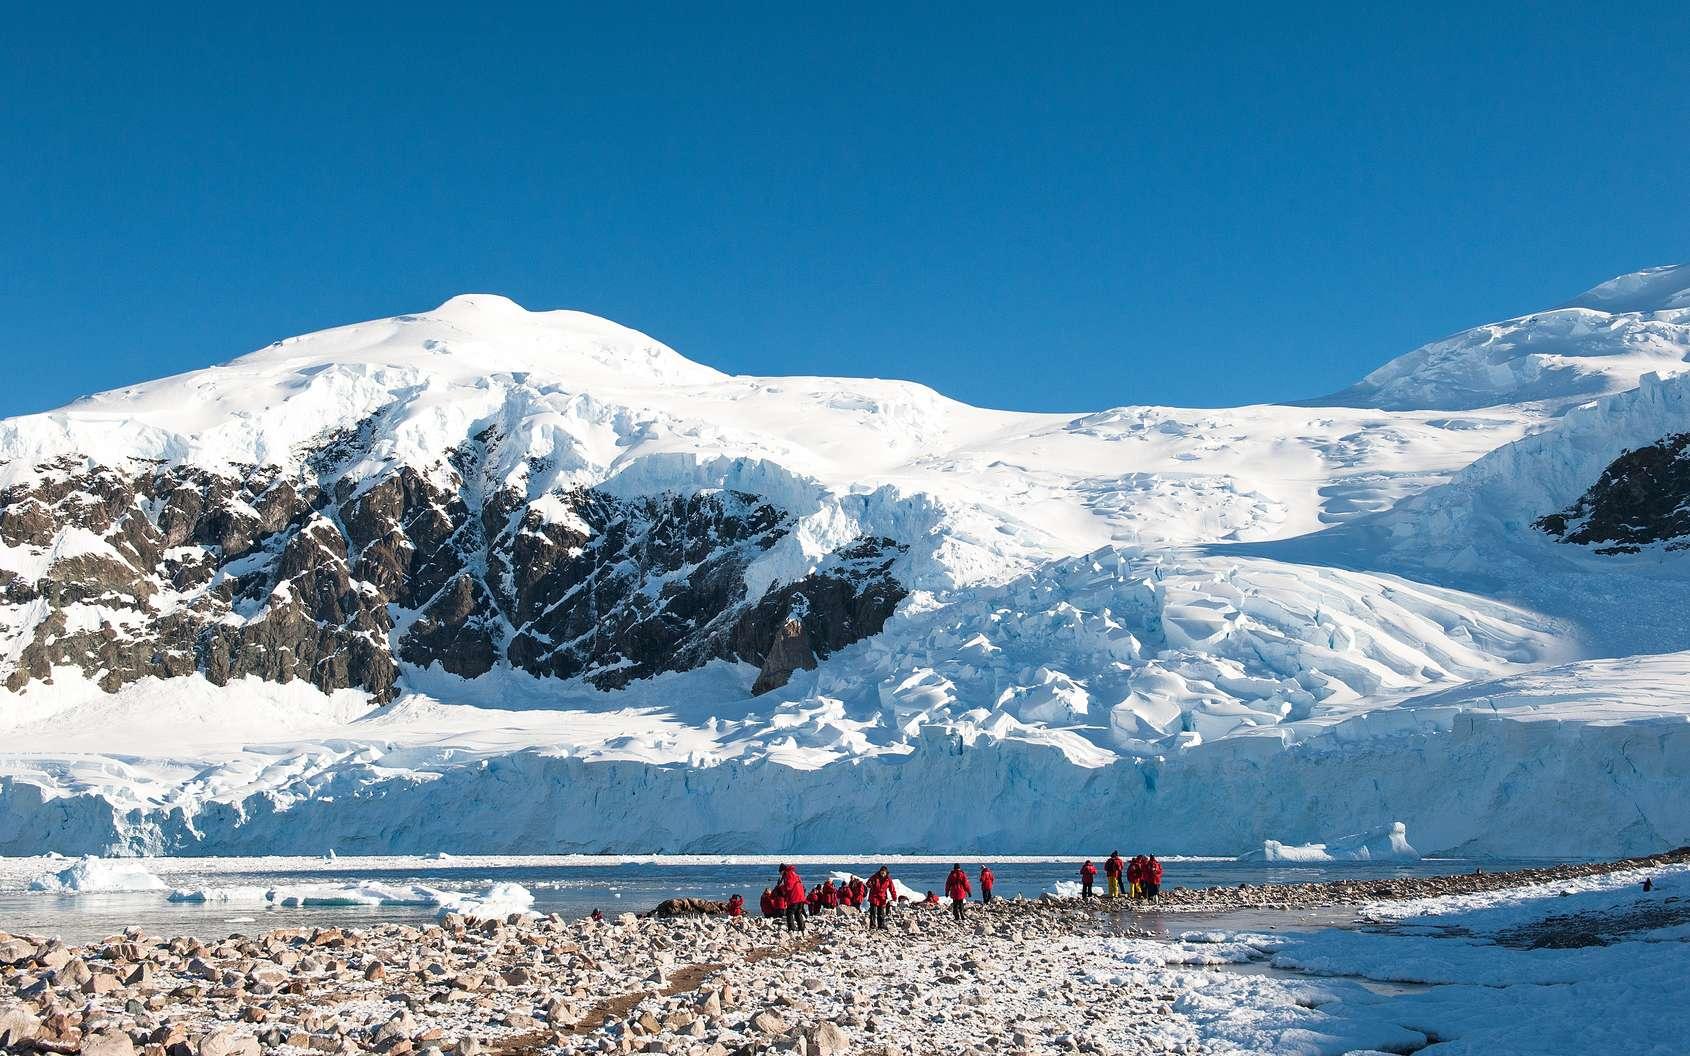 Une équipe de scientifiques capte un signal ultrason inattendu : l'émetteur se situe à plus de 900 mètres de profondeur sous la glace. © Asya M, Fotolia